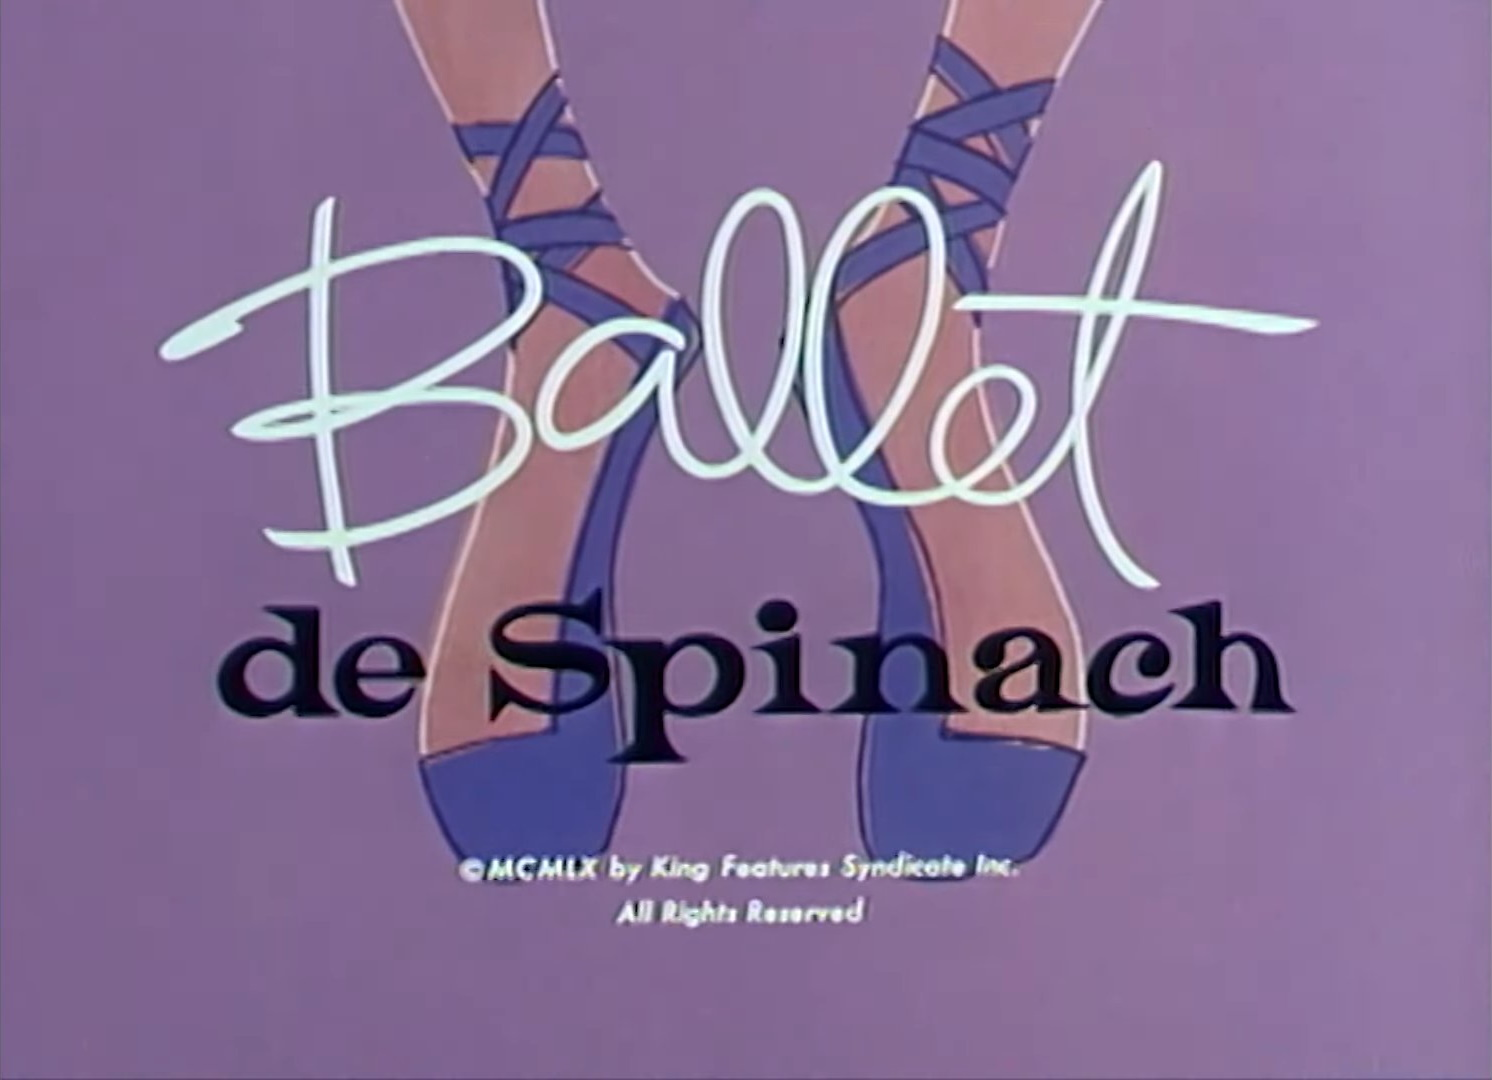 Ballet de Spinach